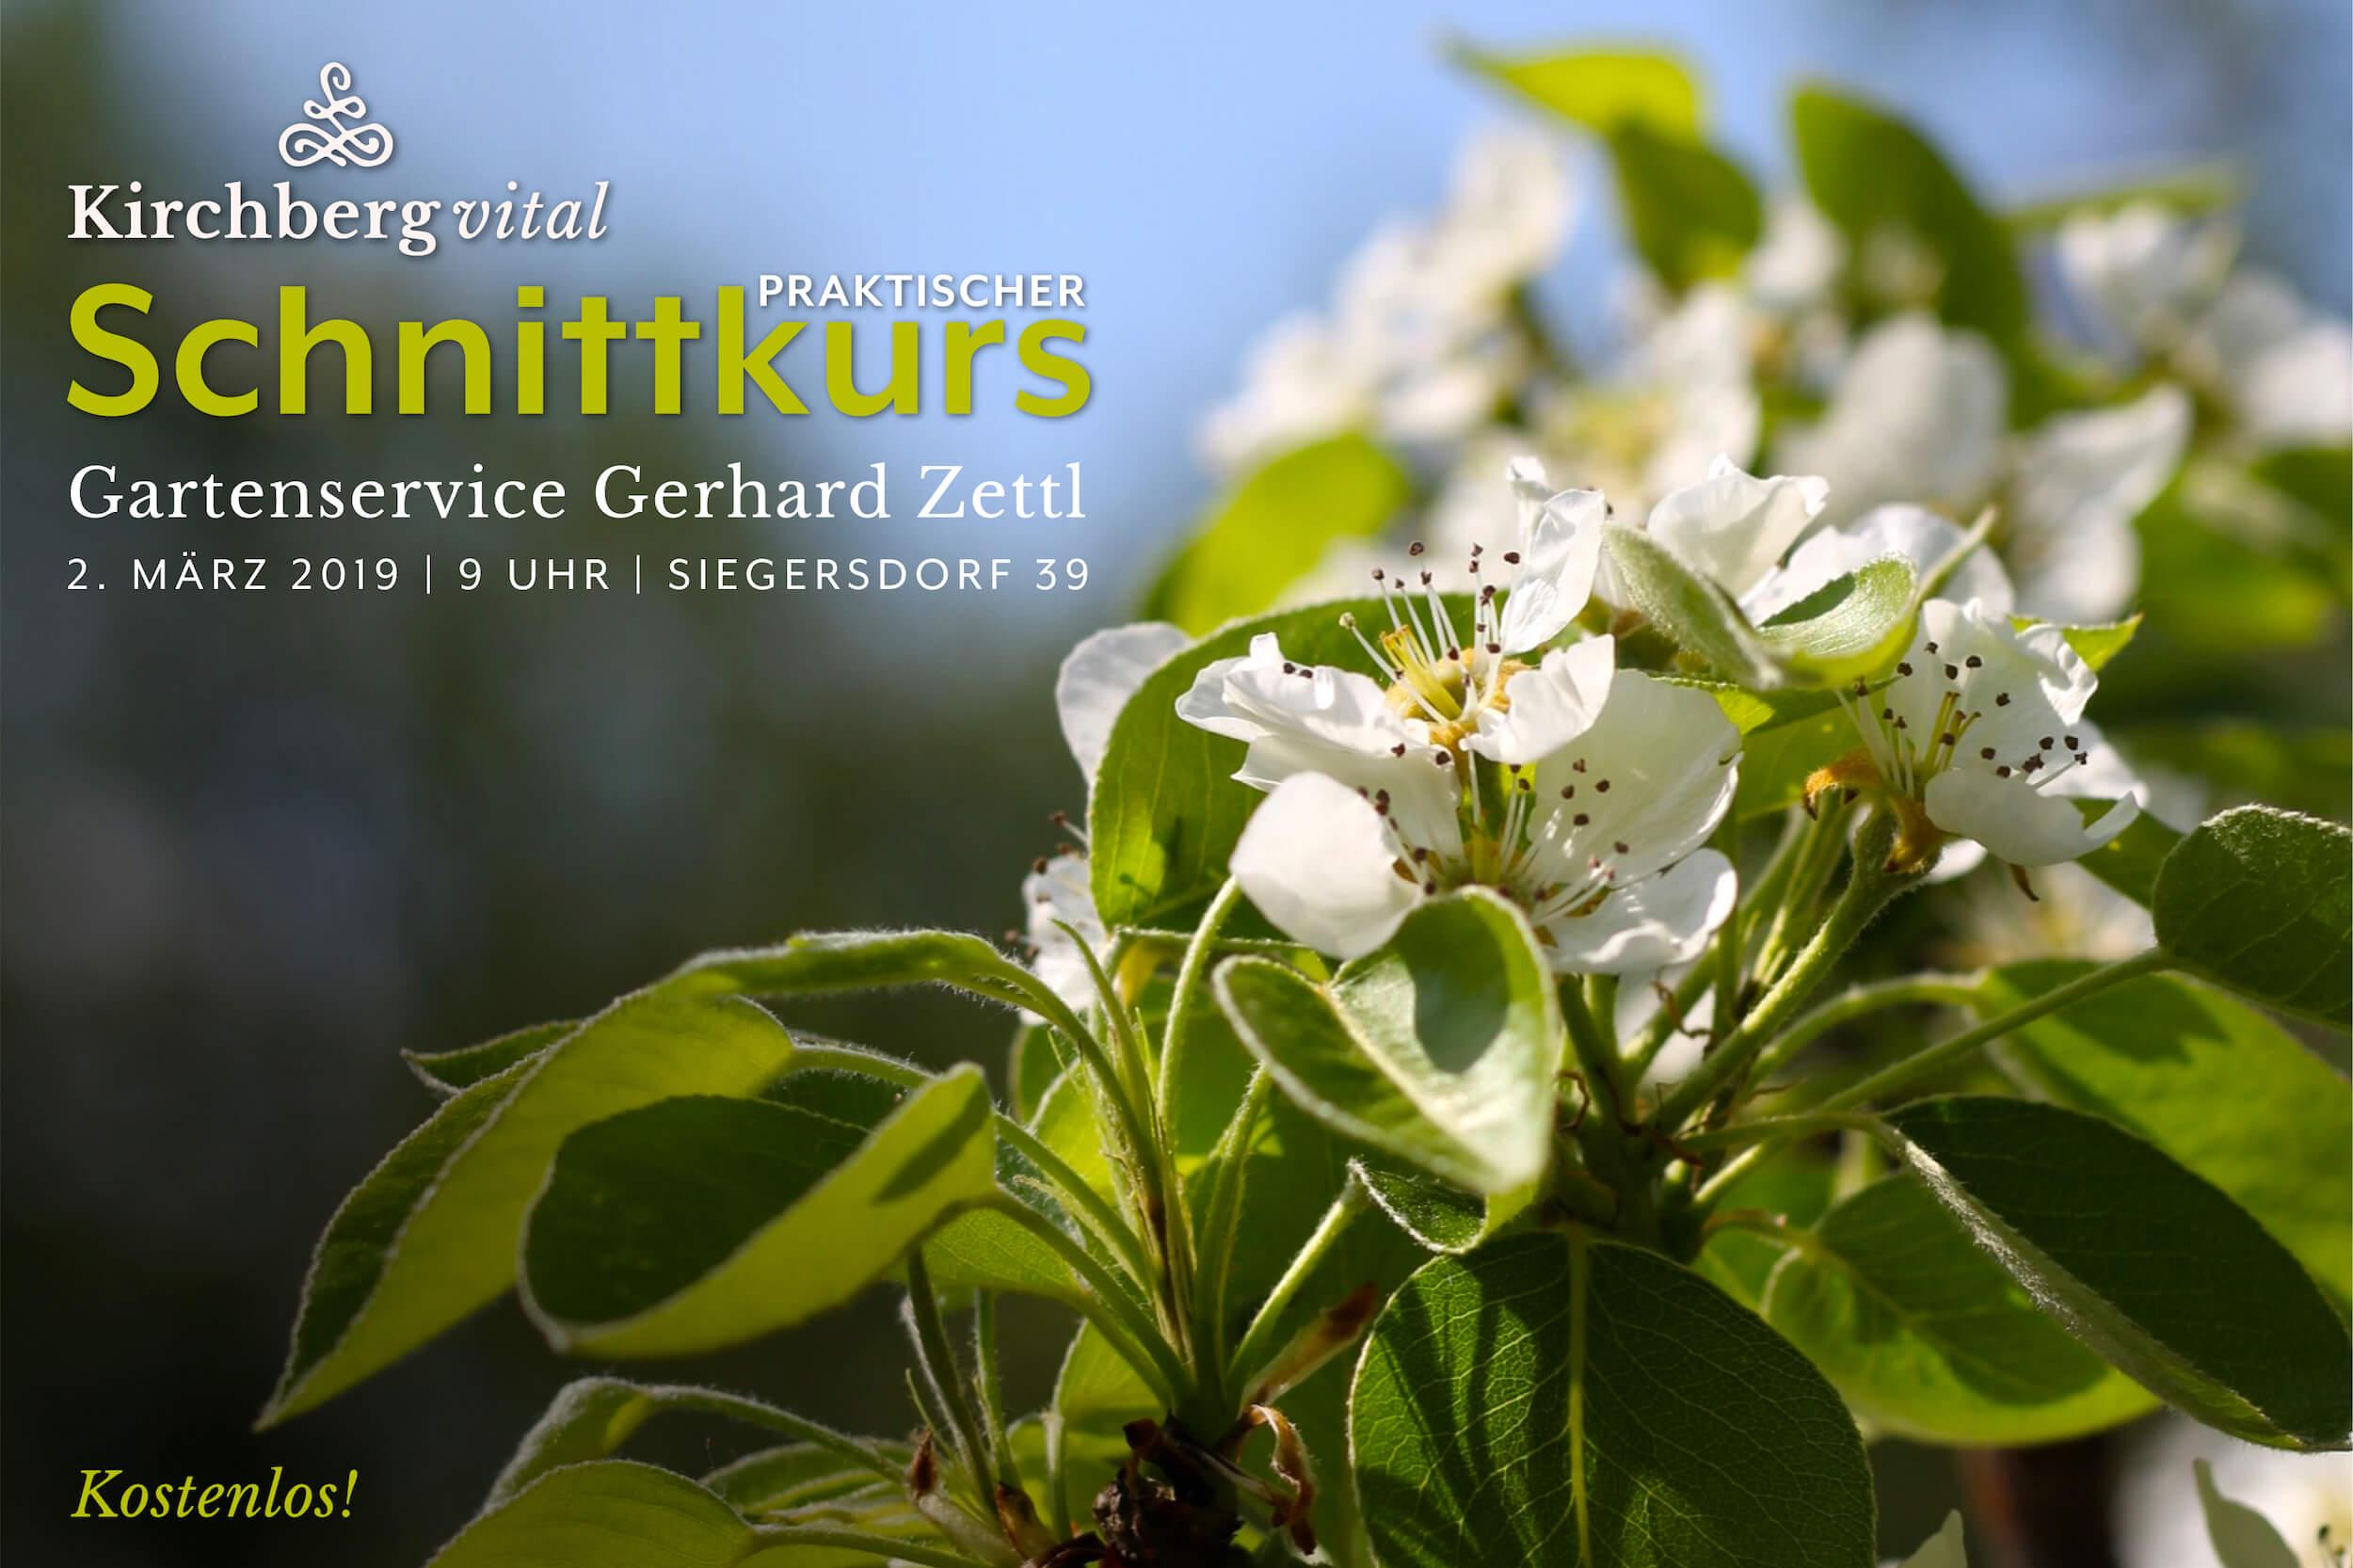 Schnittkurs-Zettl_BANNER.jpg